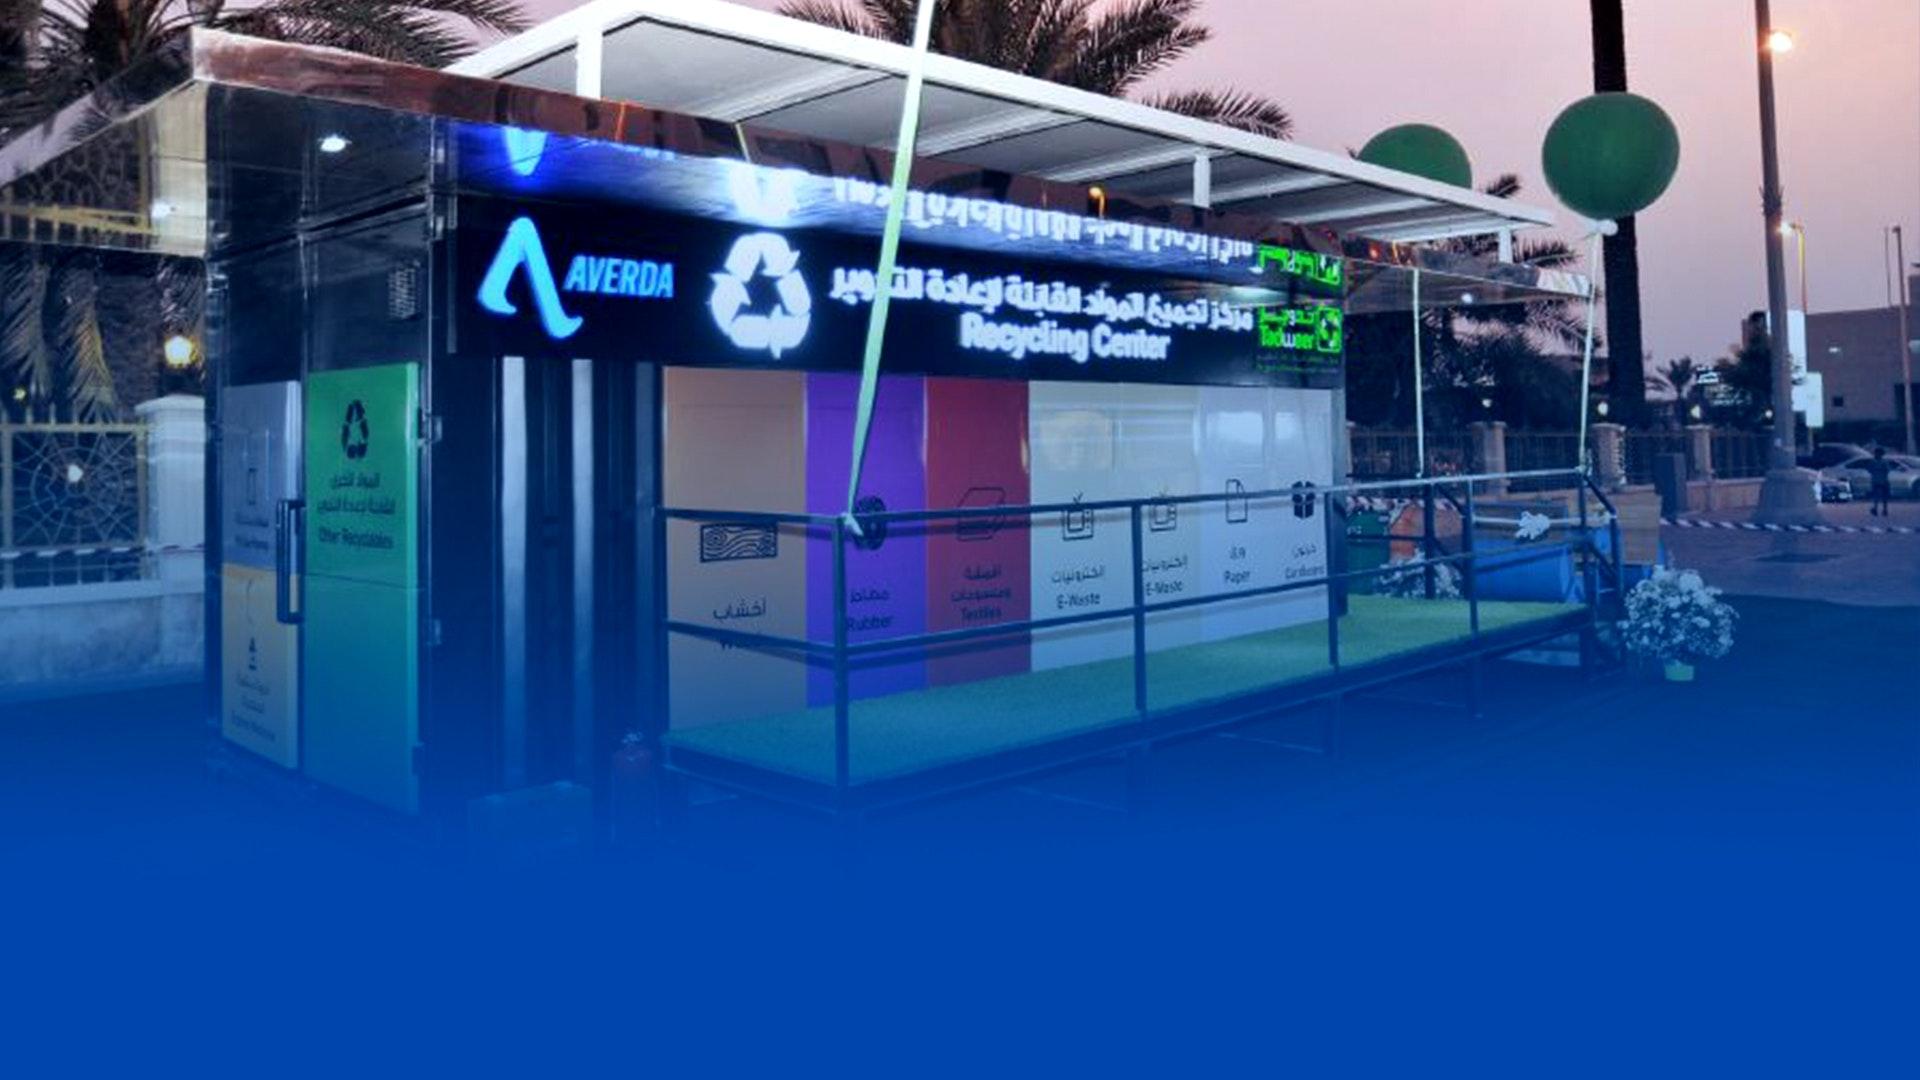 Averda waste hub